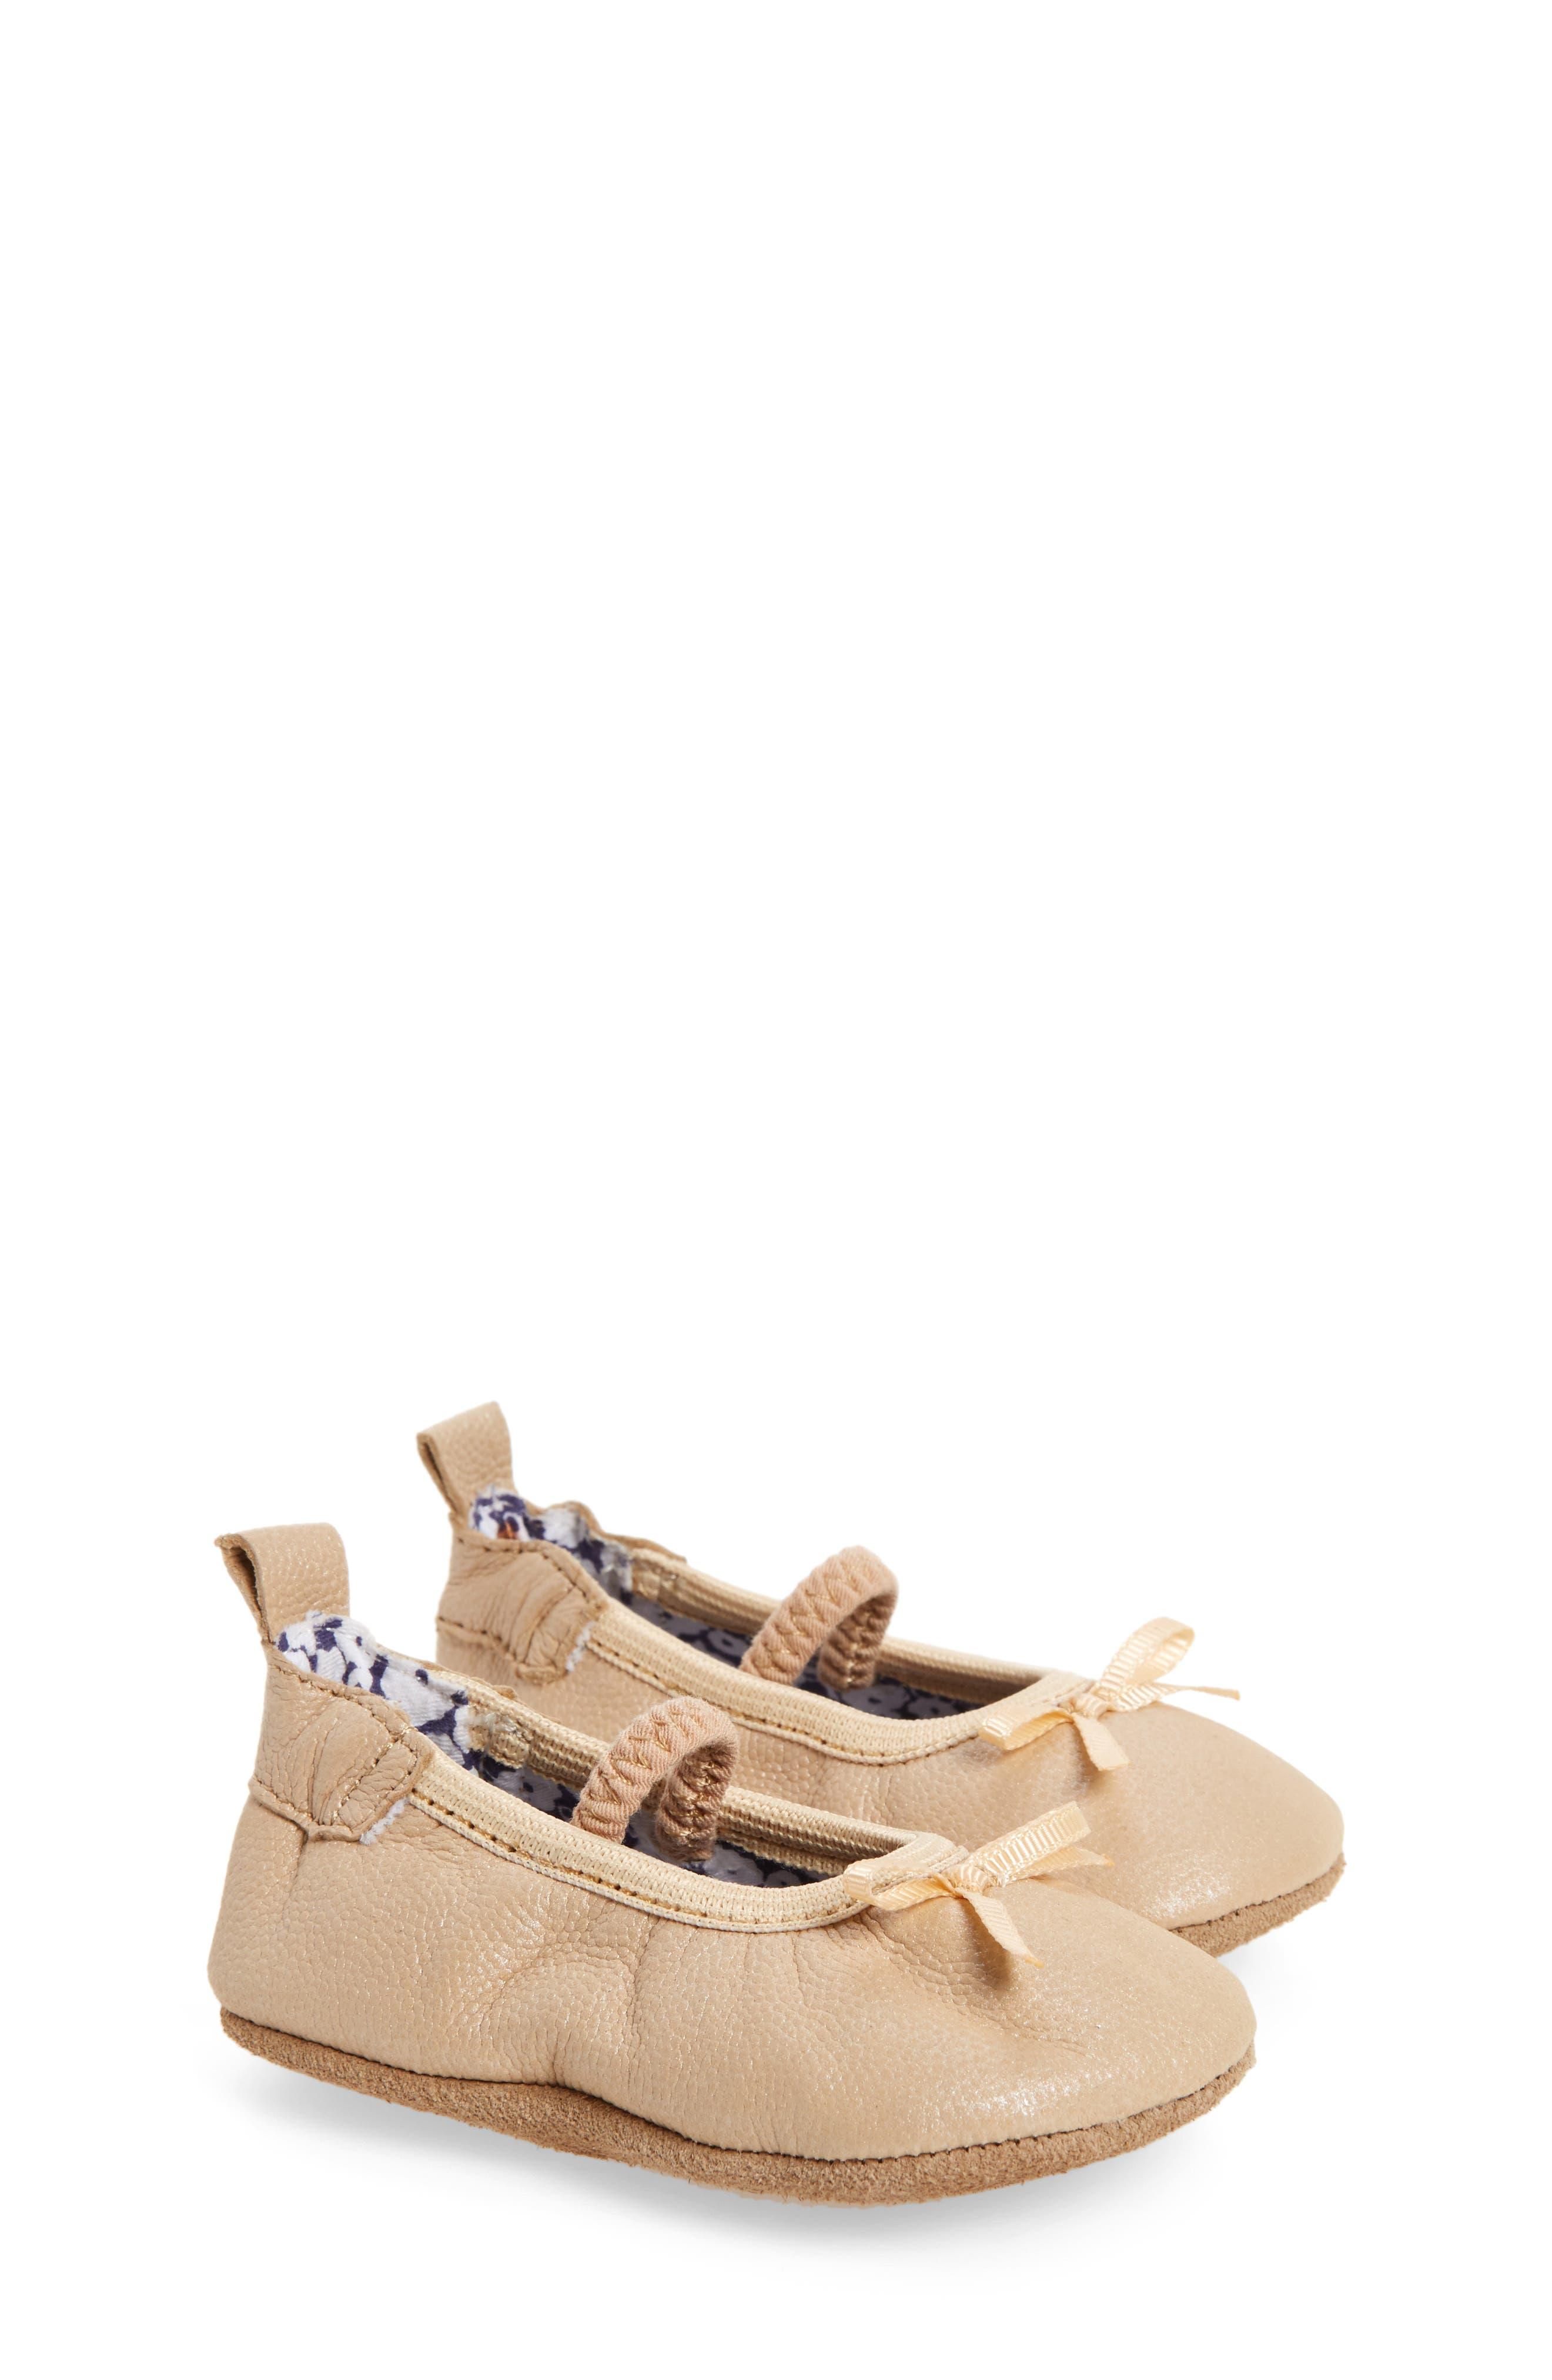 Main Image - Robeez® Rachel Ballet Flat (Baby & Walker)